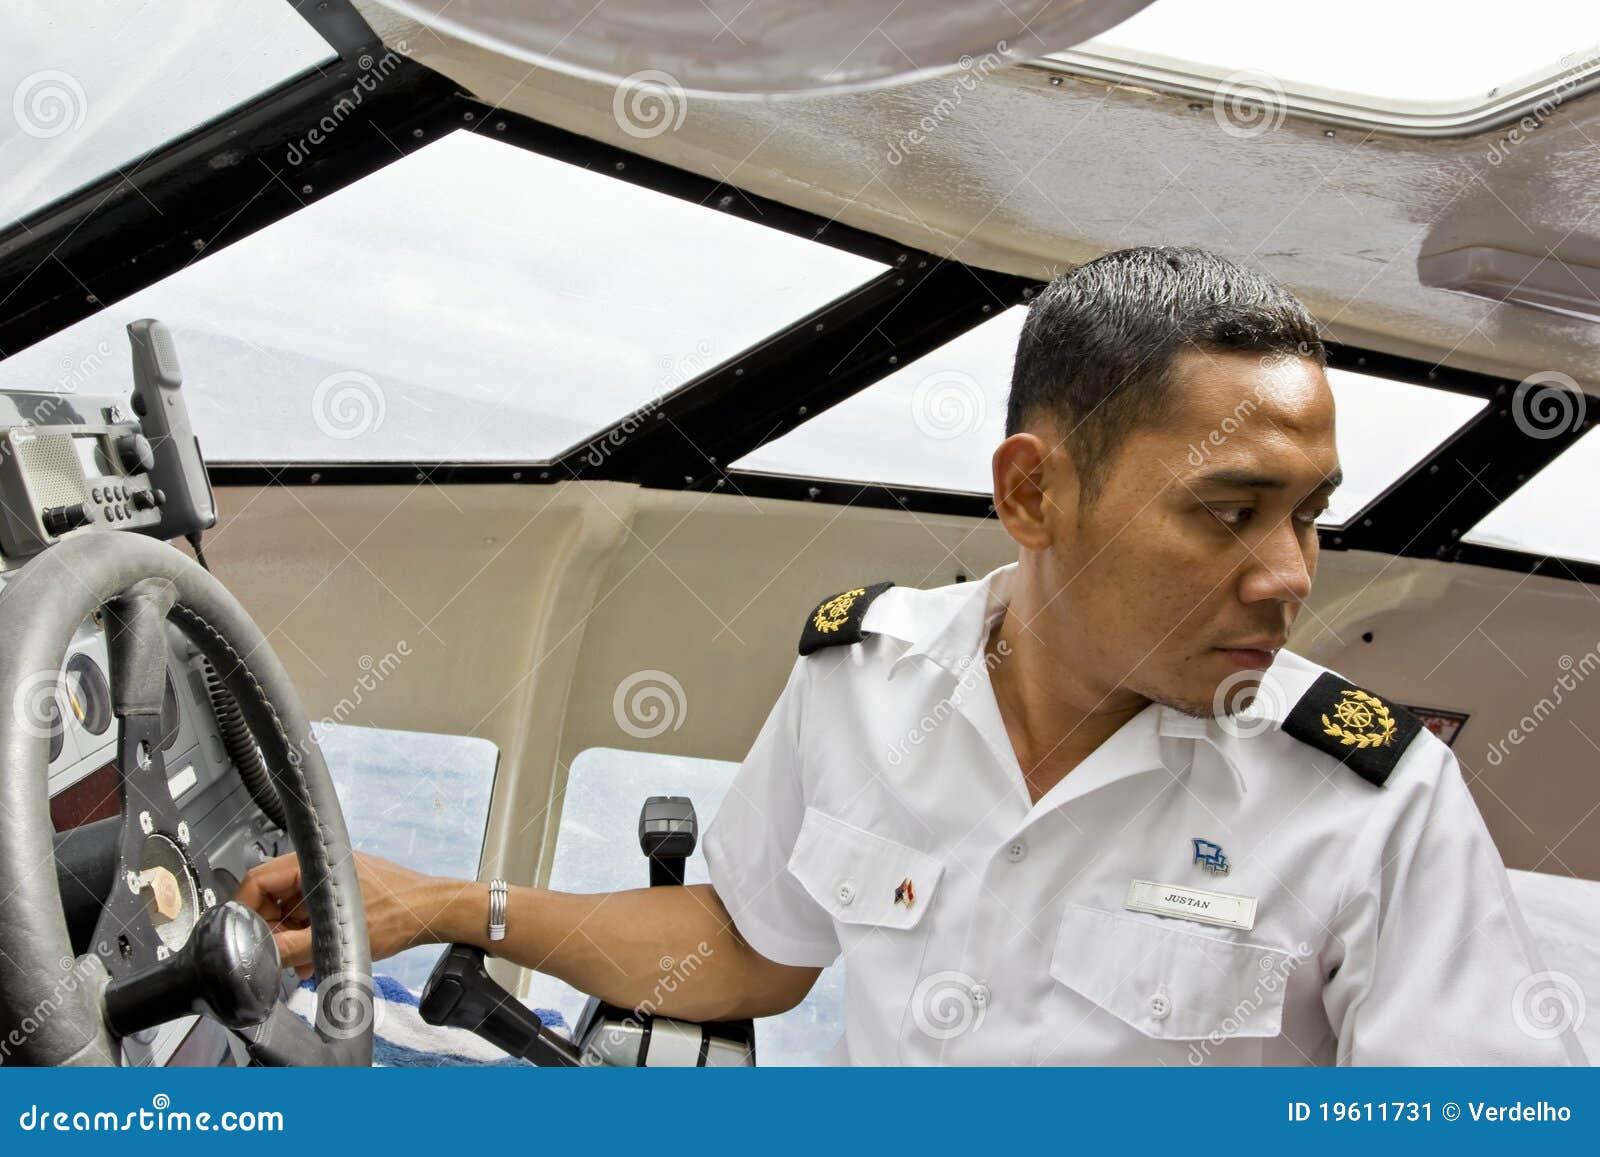 Cruise ship tender pilot manoeuvring boat.